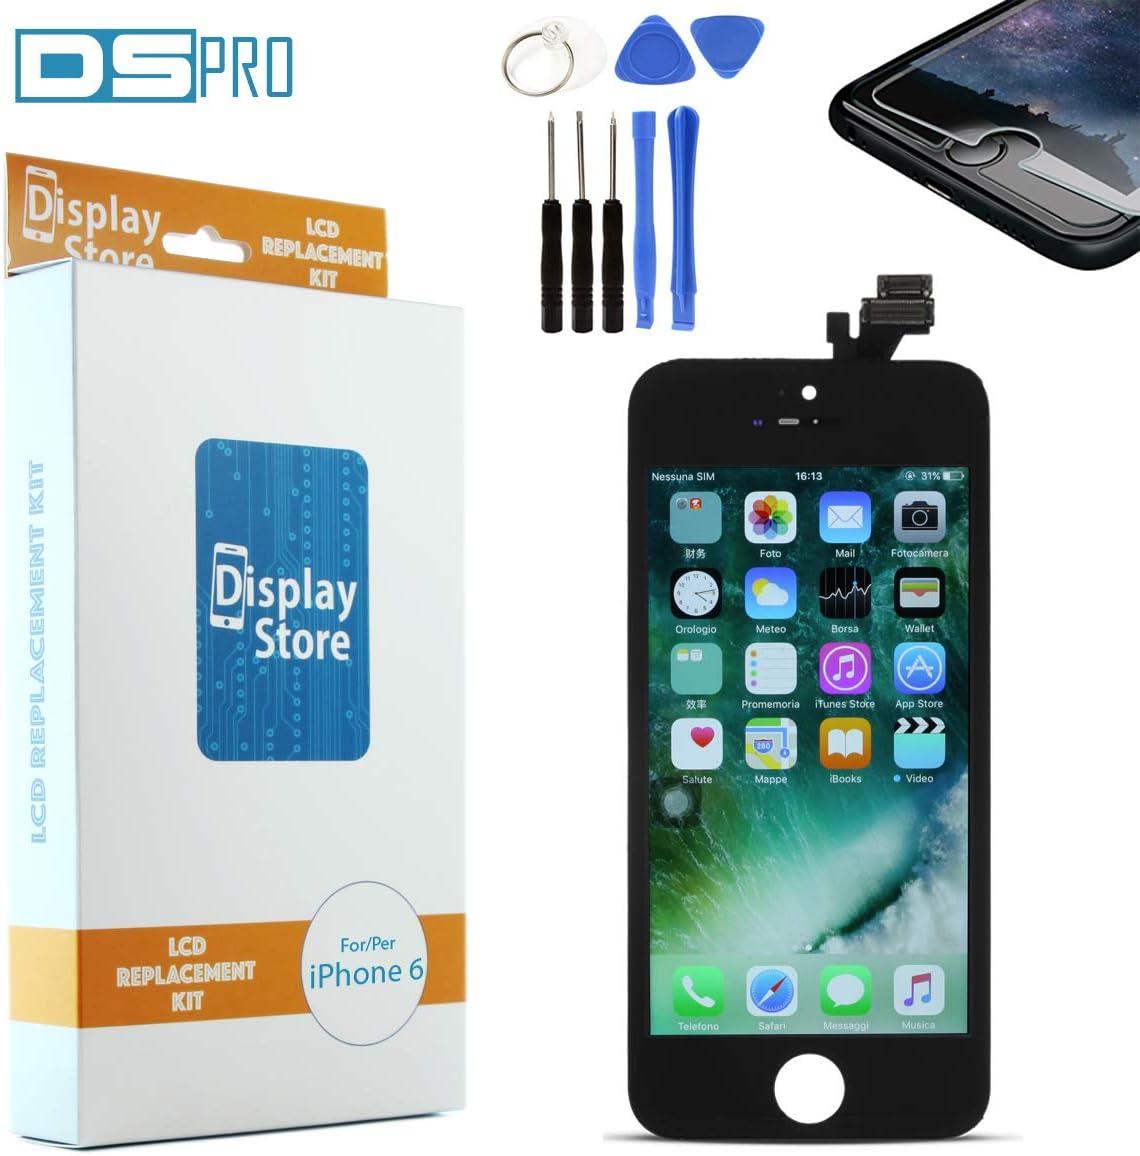 DS PRO 6BK Cámara Digital Service Pack – Pantalla Compatible para iPhone 6 Pantalla + Pantalla LCD AAA Grade Negro, Juego de Herramientas, Protector, Instrucciones para desmontaje y Montar.: Amazon.es: Electrónica